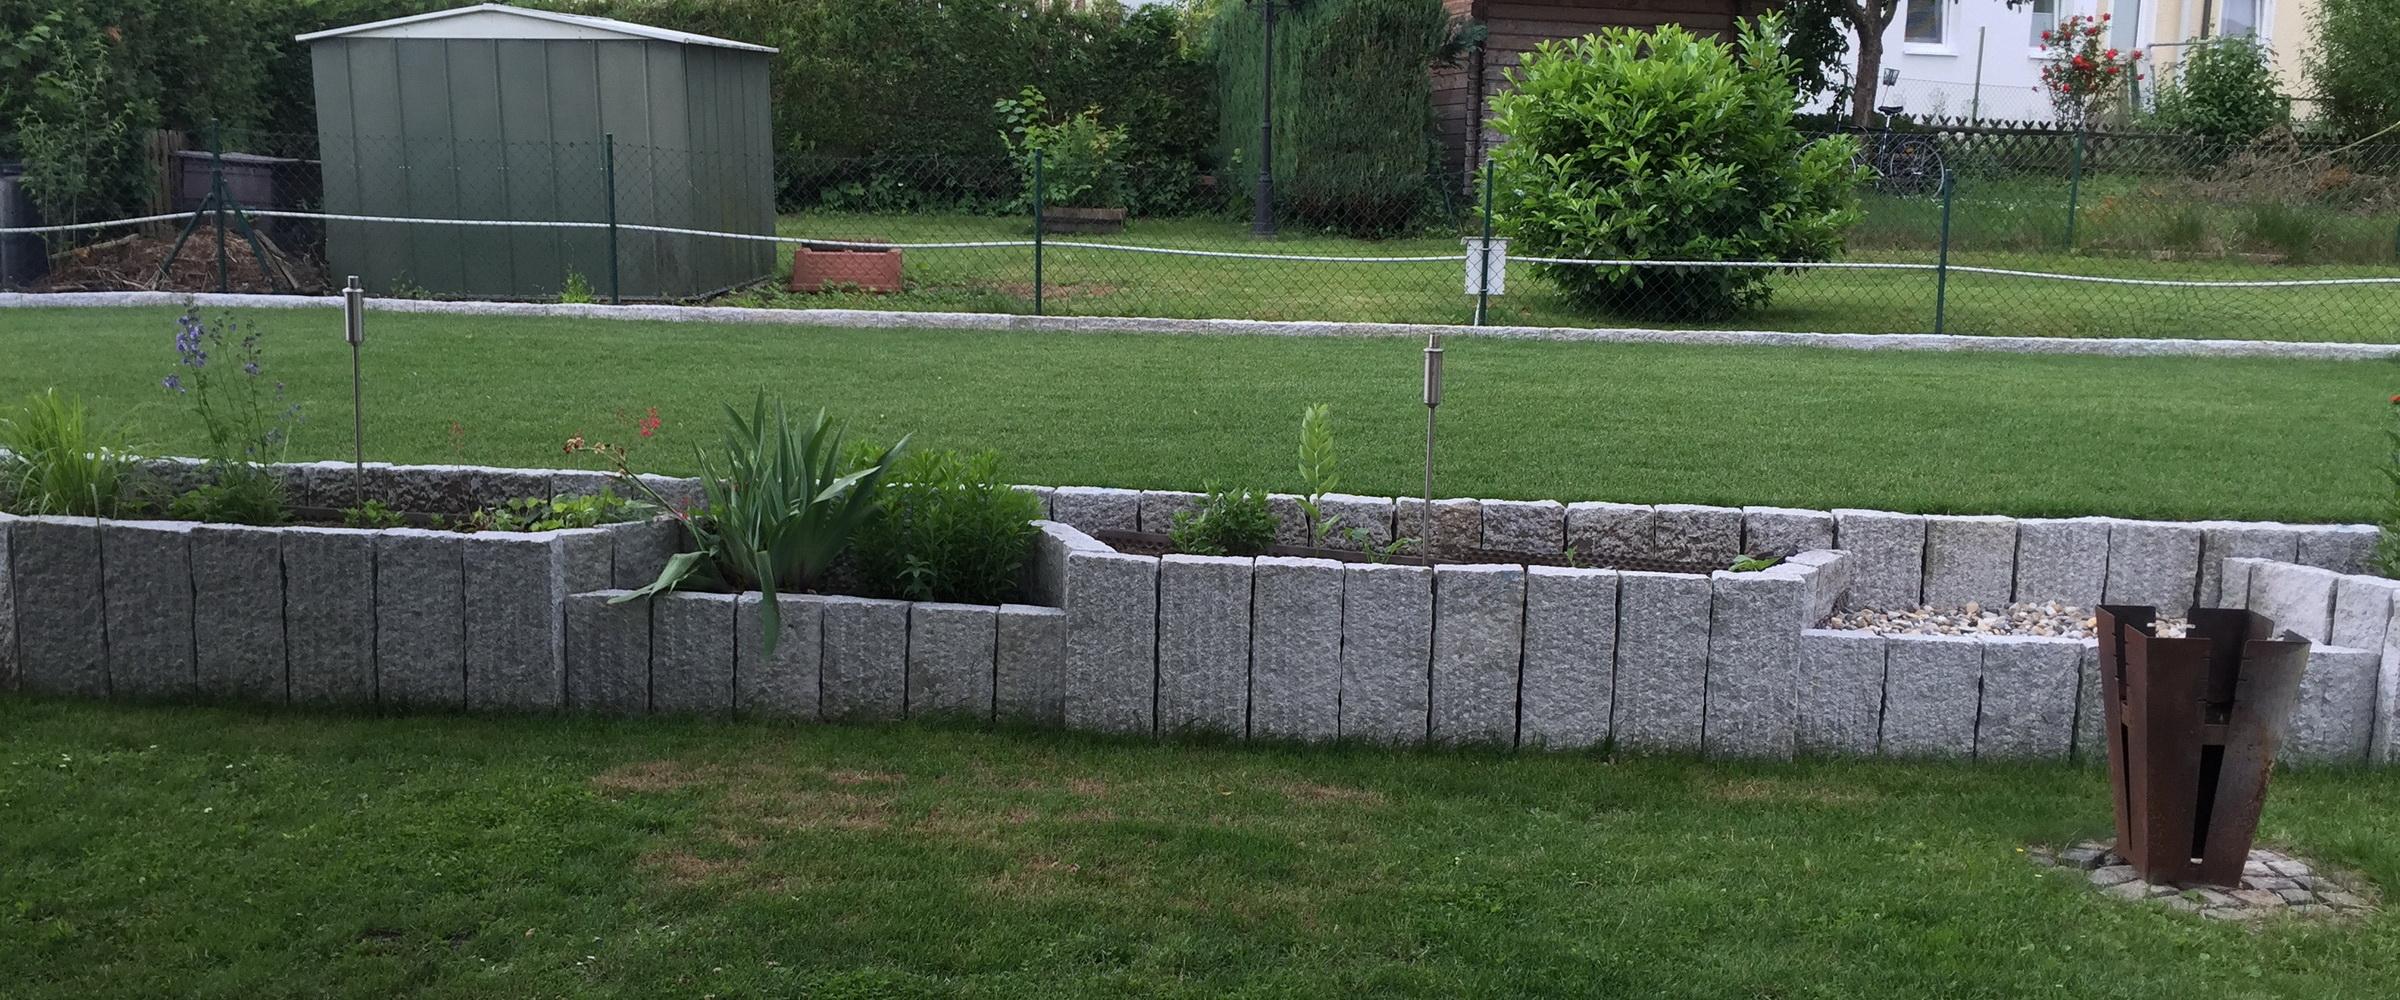 Geben Sie Ihrem Garten doch mit begrünten Hochbeeten eine individuelle Note